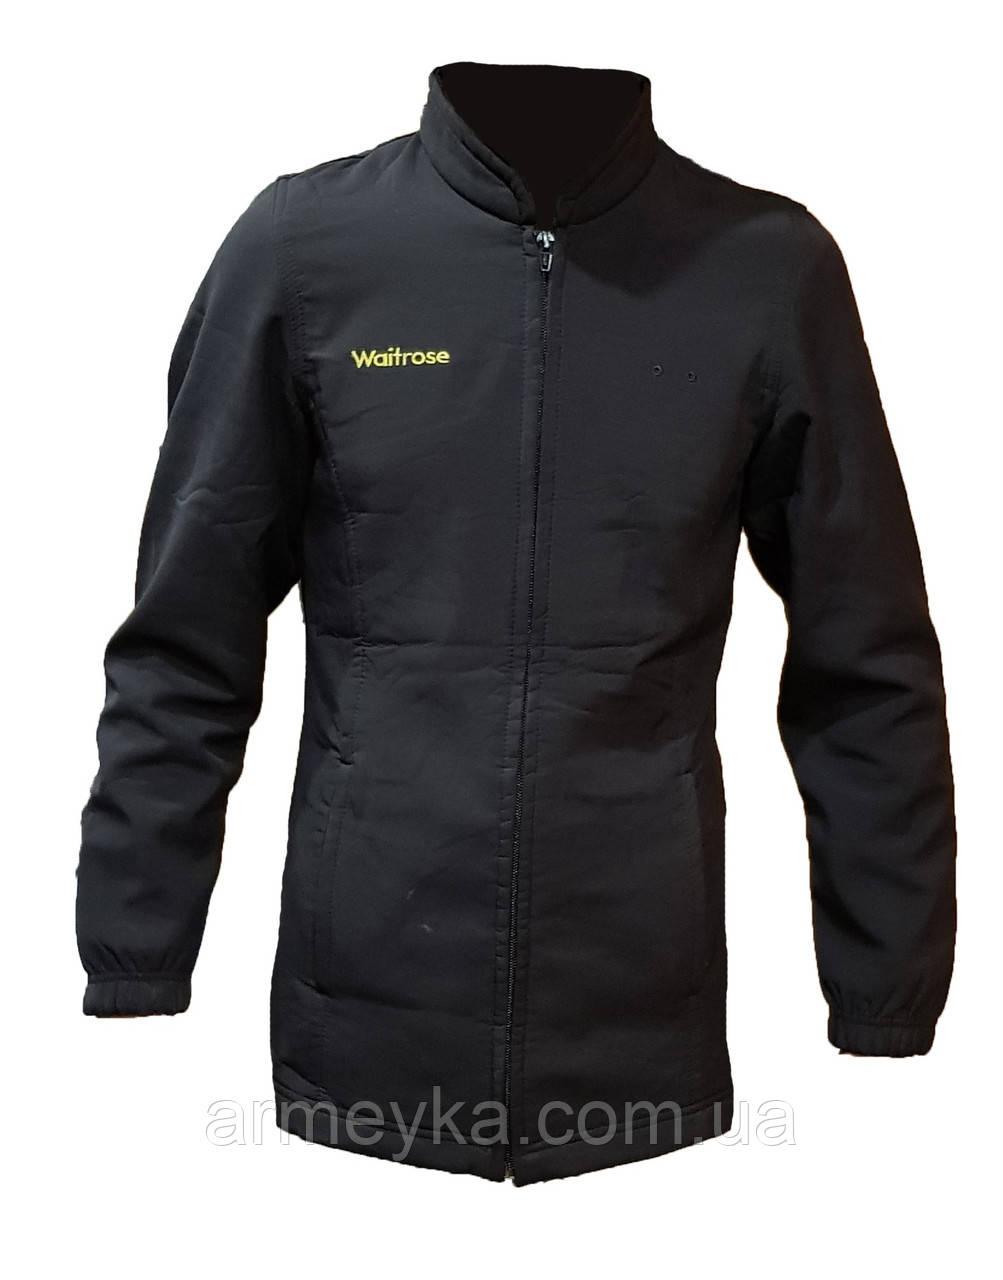 Влаго/ветростойкая куртка Softshell Dimensions. Черная.